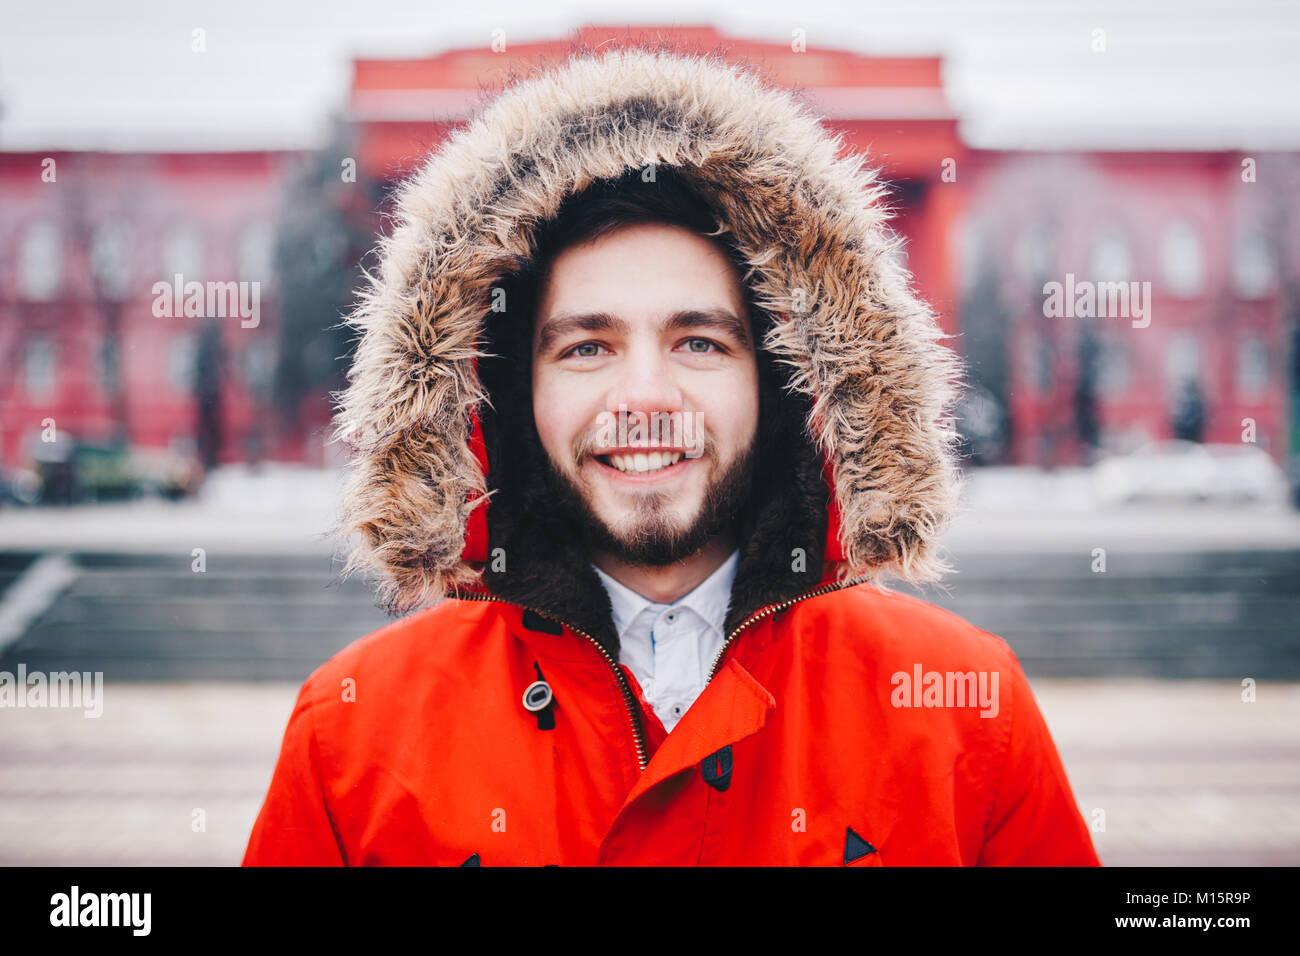 Con Elegantemente Cerca Jóvenes De Retrato Barba Sonriendo Hombre qY6xStwdt